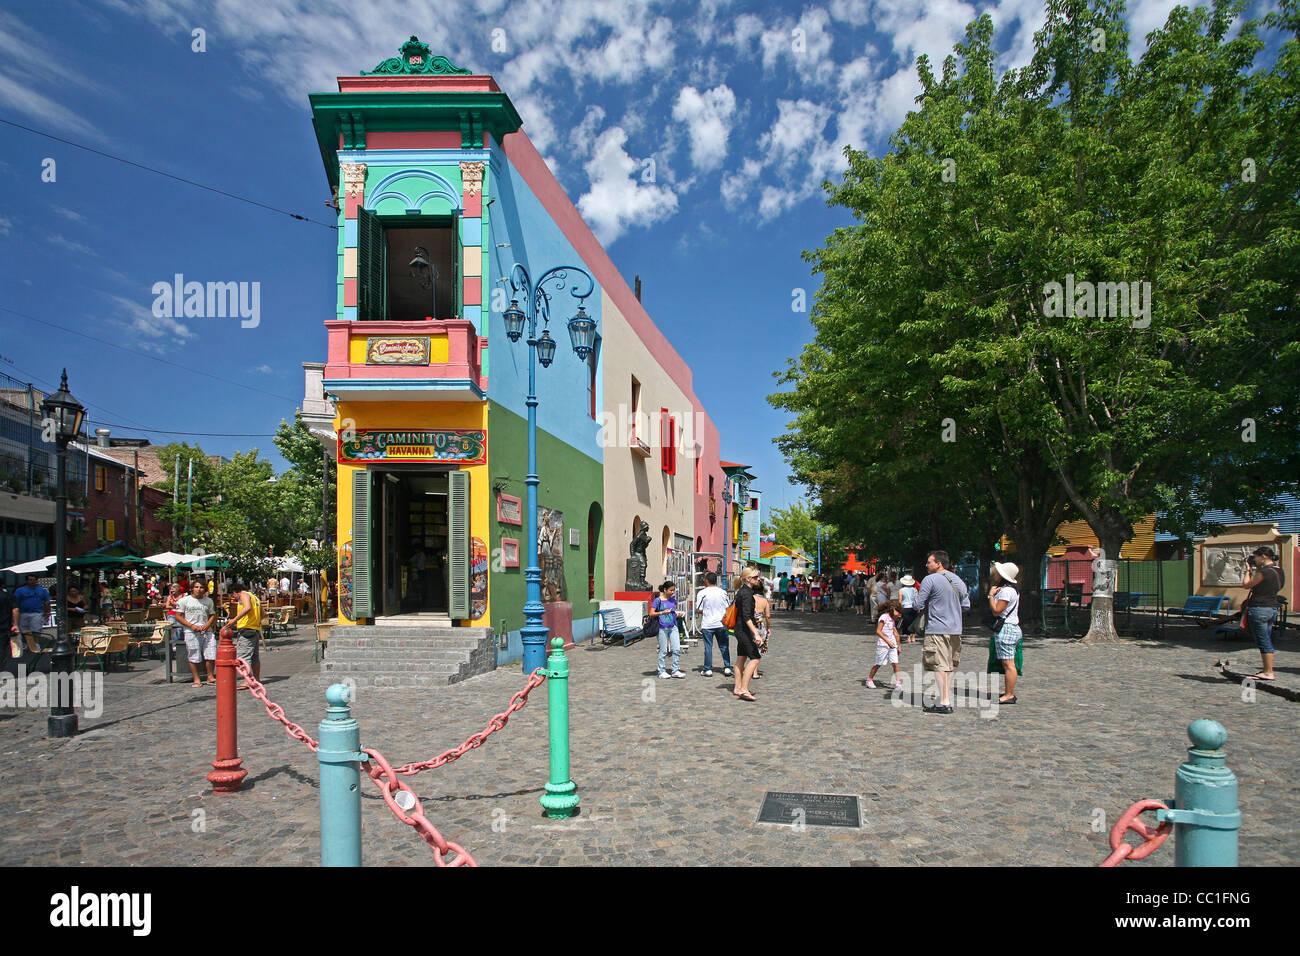 El Caminito del tango lore en el barrio de La Boca, Buenos Aires, Argentina Imagen De Stock